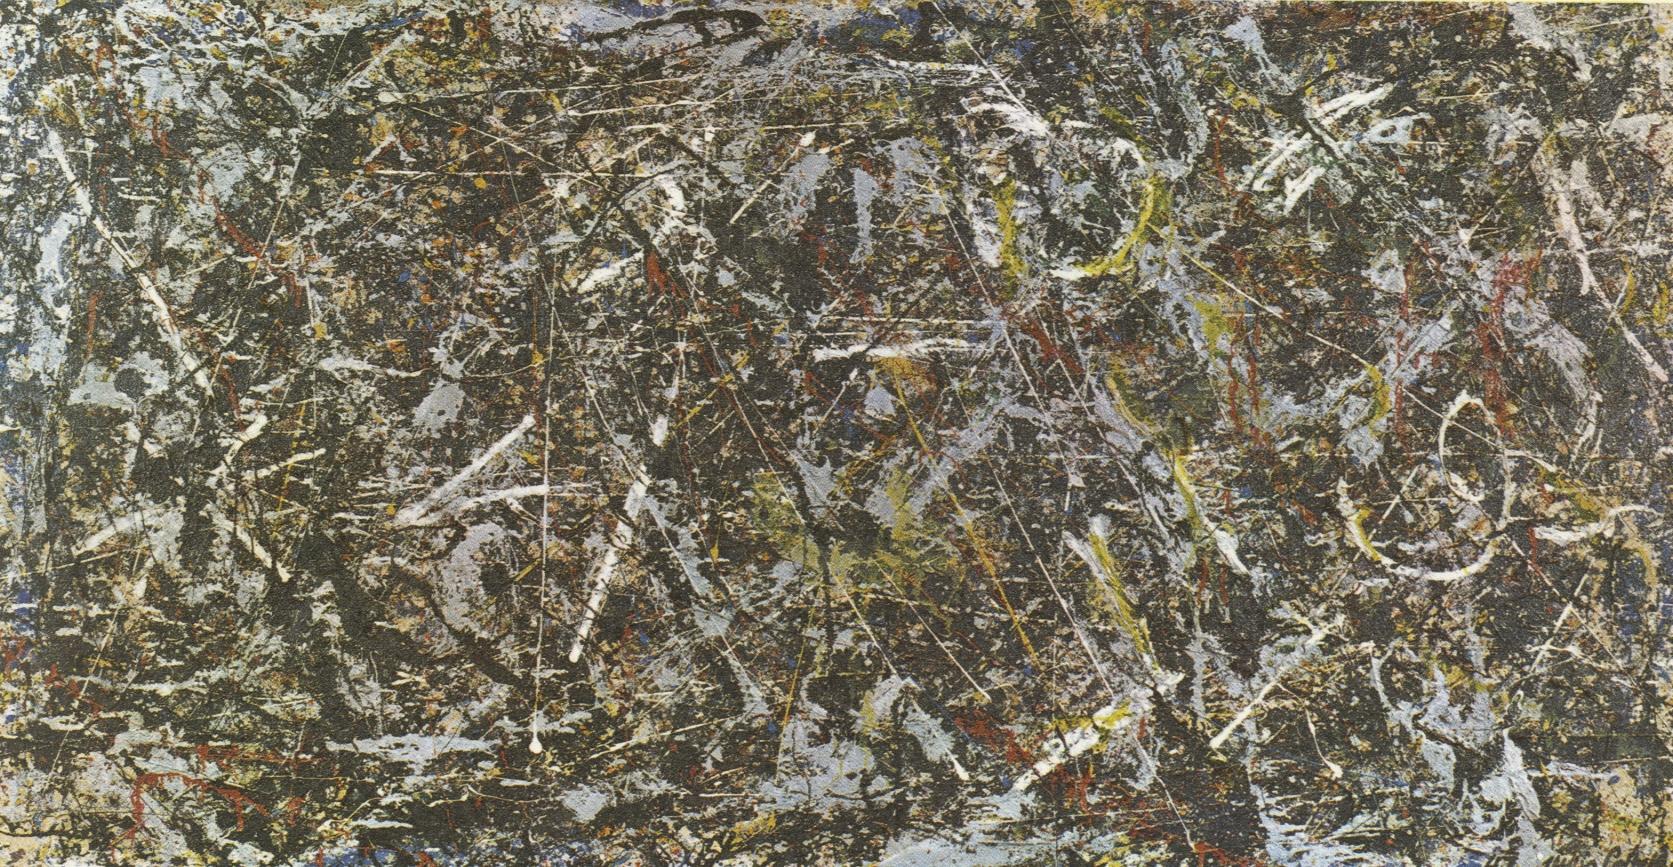 ג'קסון פולוק, אלכימיה, 1947, מיקס מדיה על בד, 114.6X221.3, פגי גוגנהיים, ונציה